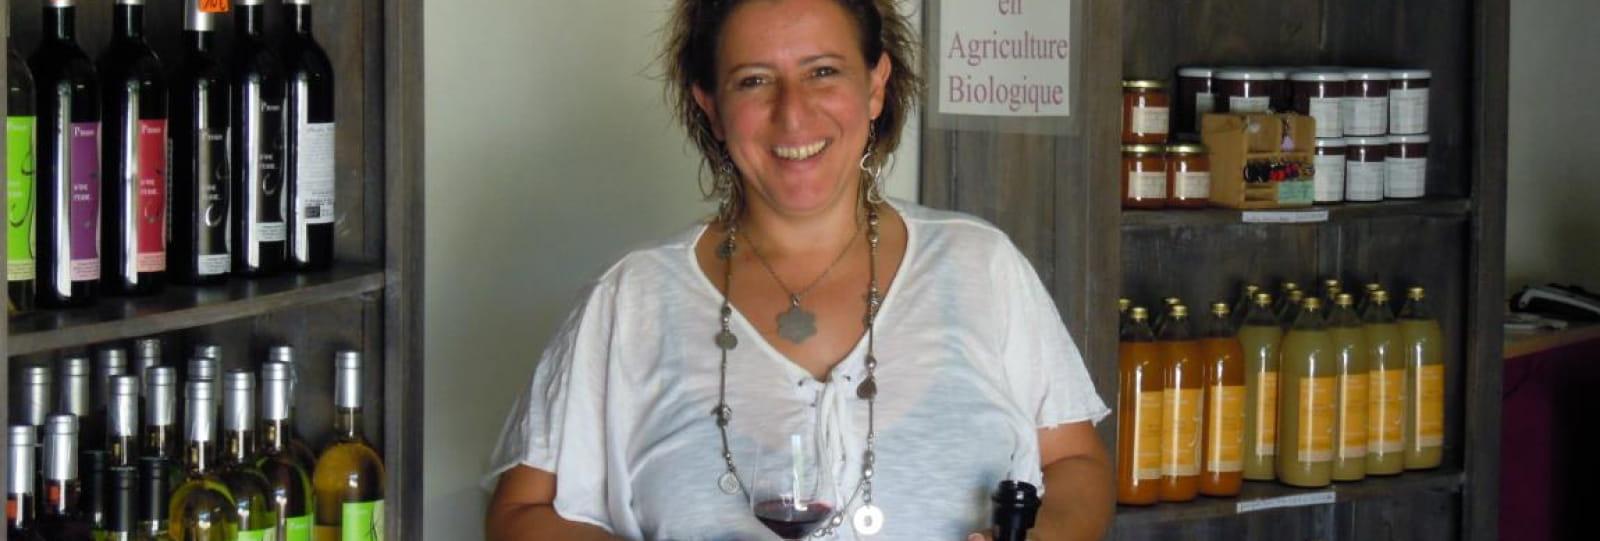 Audrey Chauvin